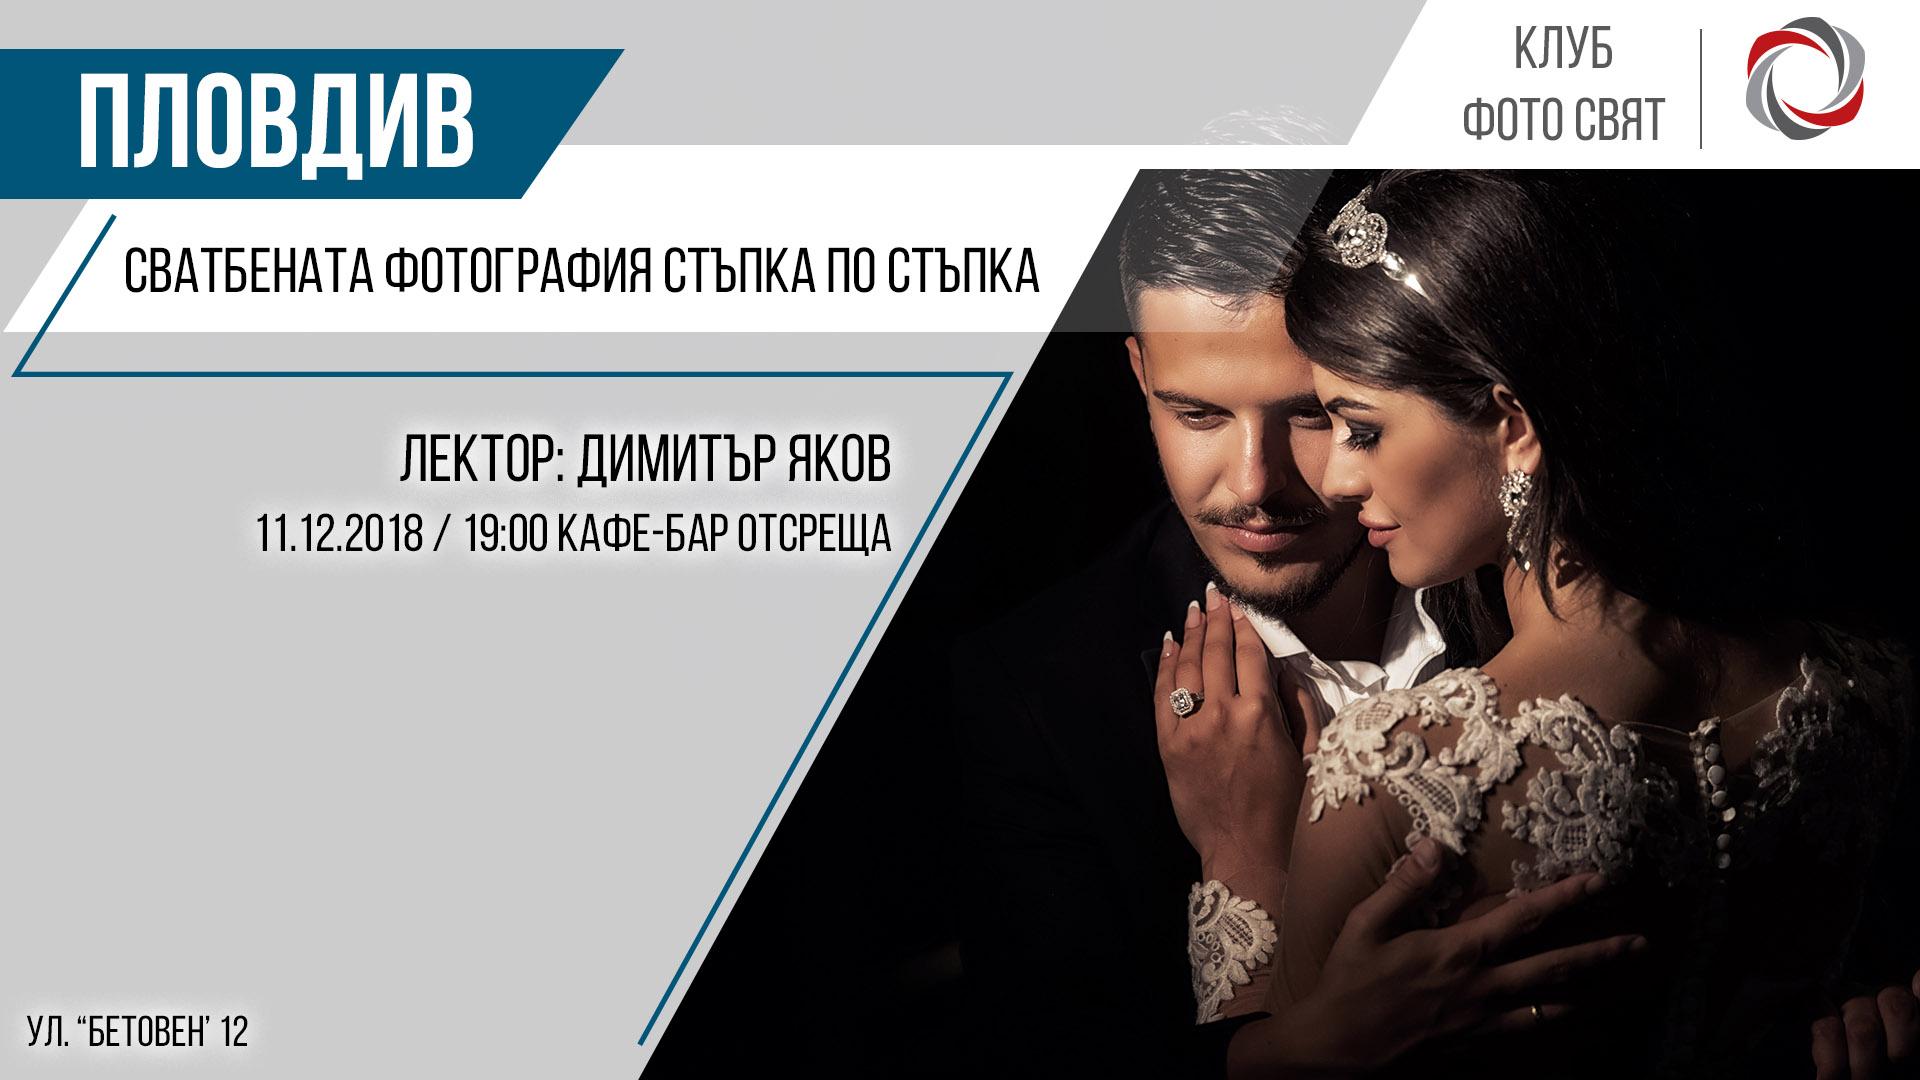 Сватбената фотография стъпка по стъпка с Димитър Яков